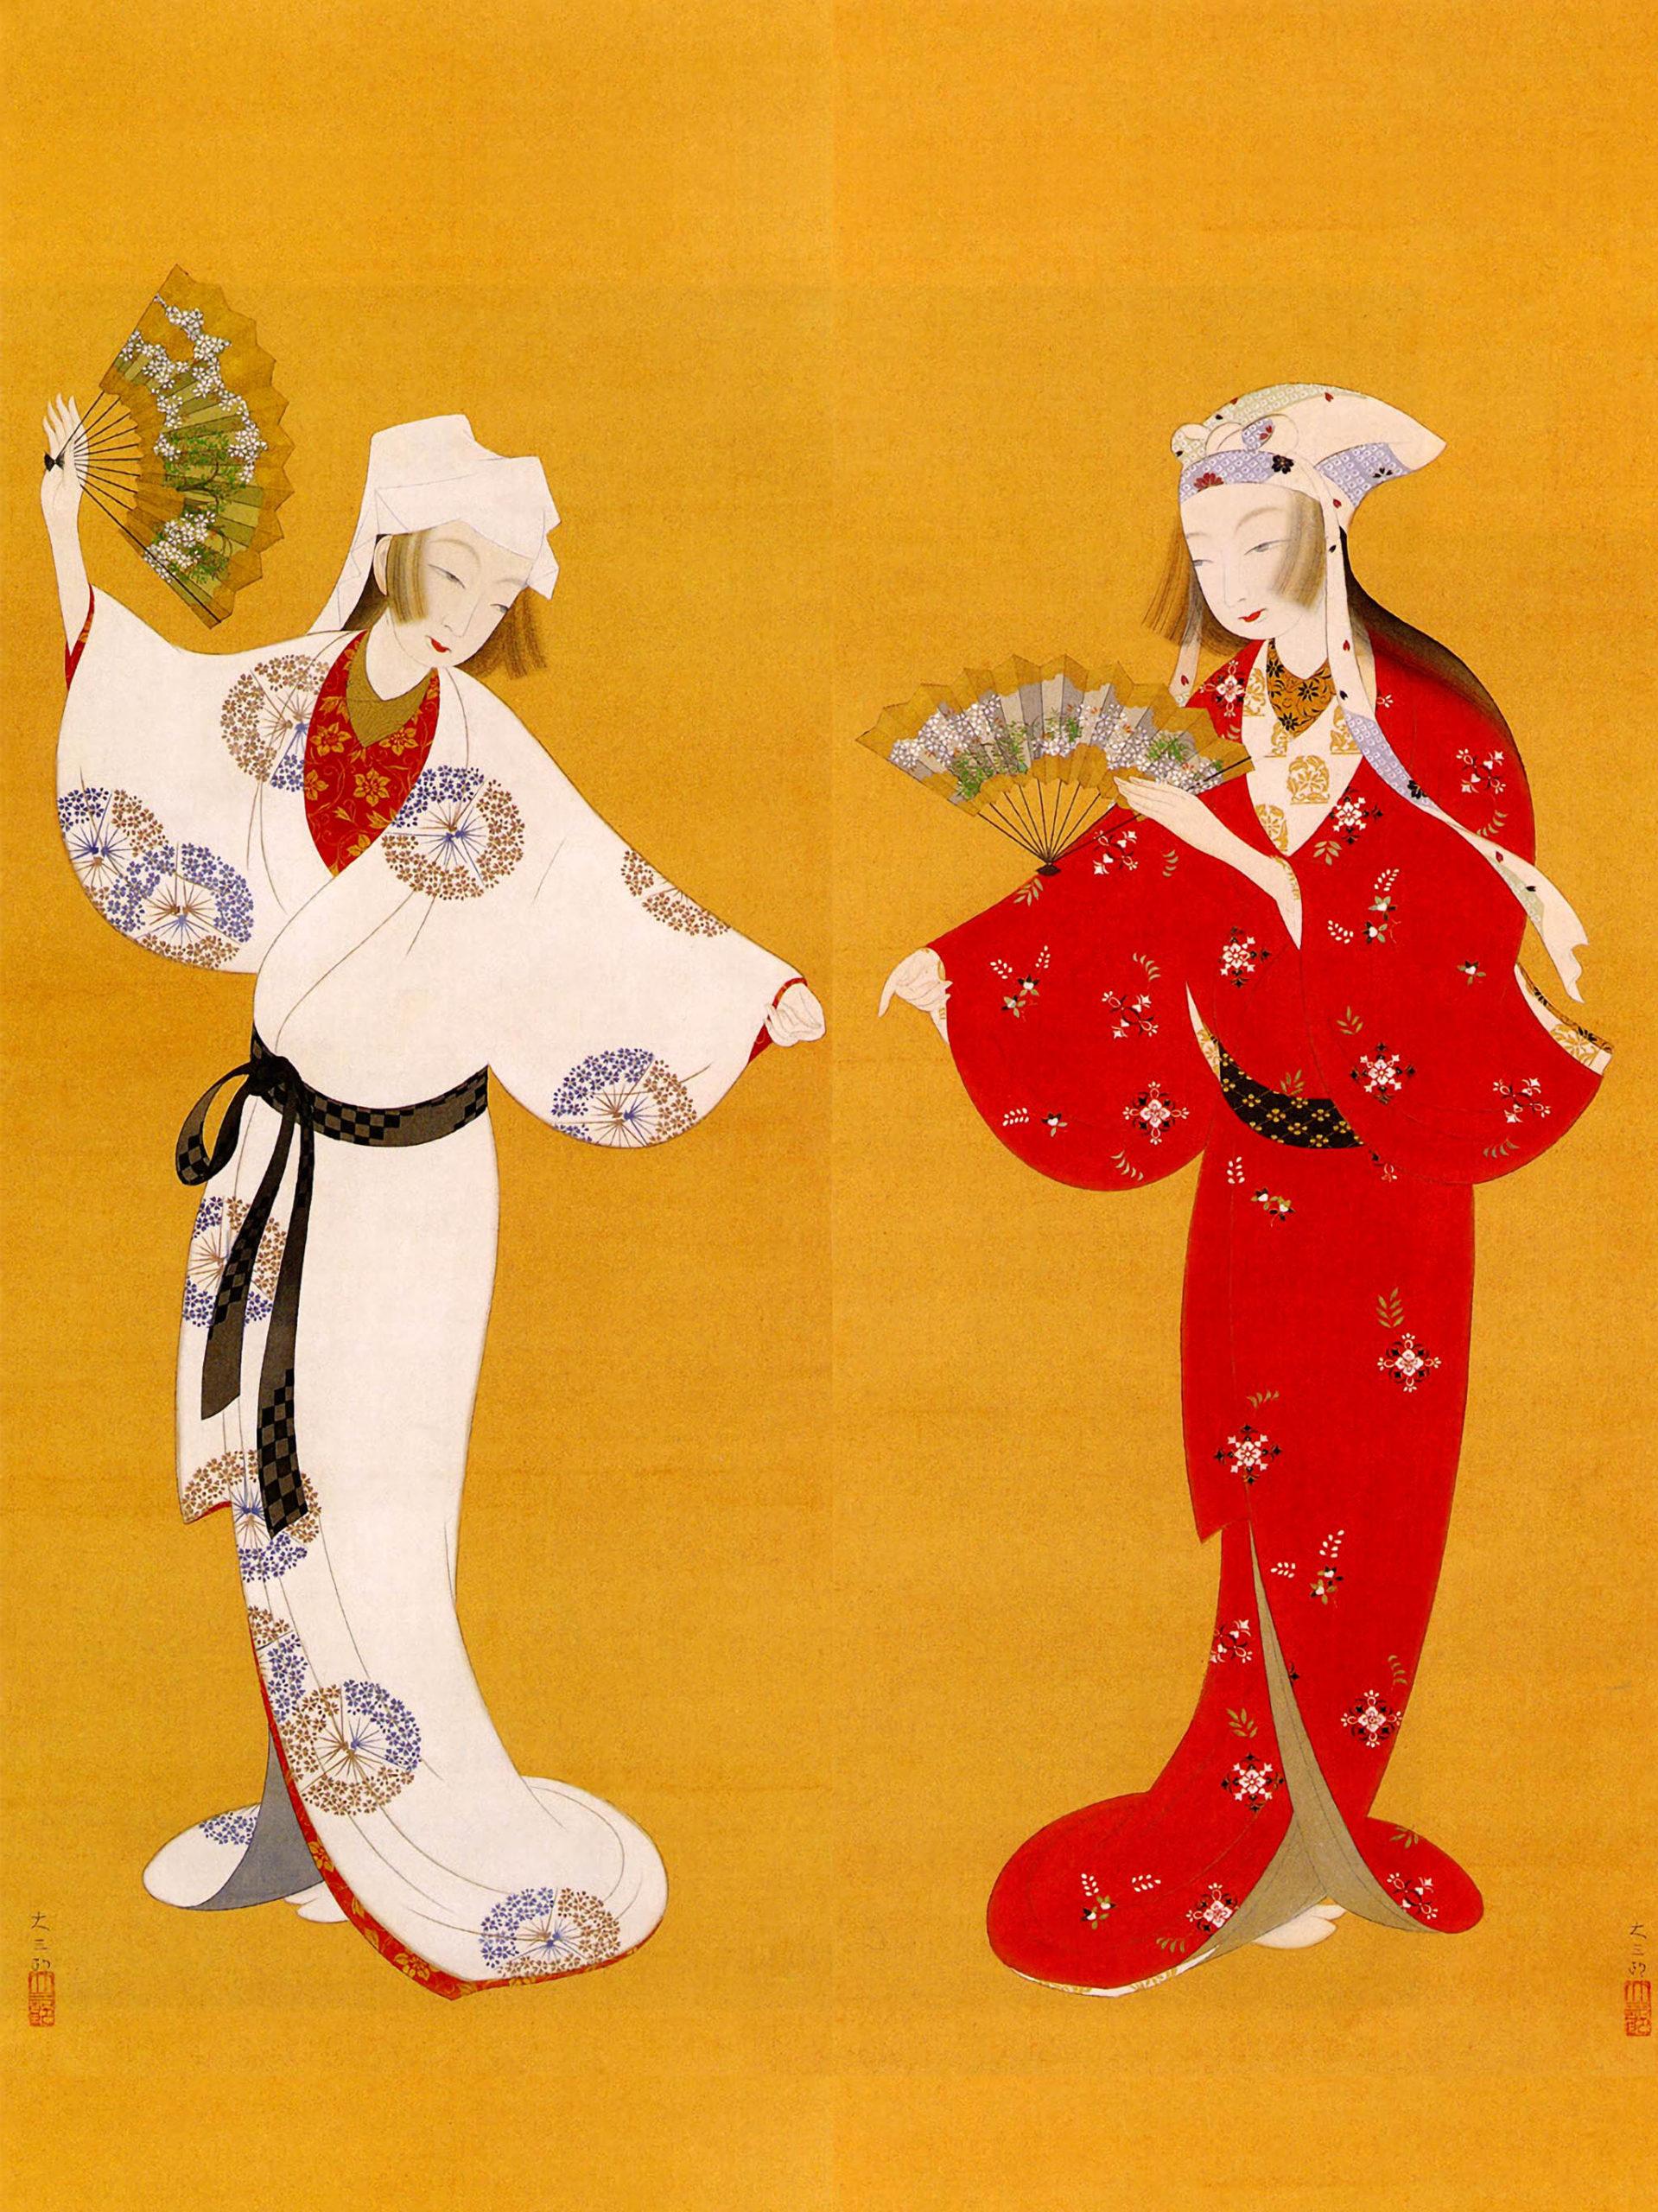 Nakamura Daizaburo - Futari maiko 2048x2732